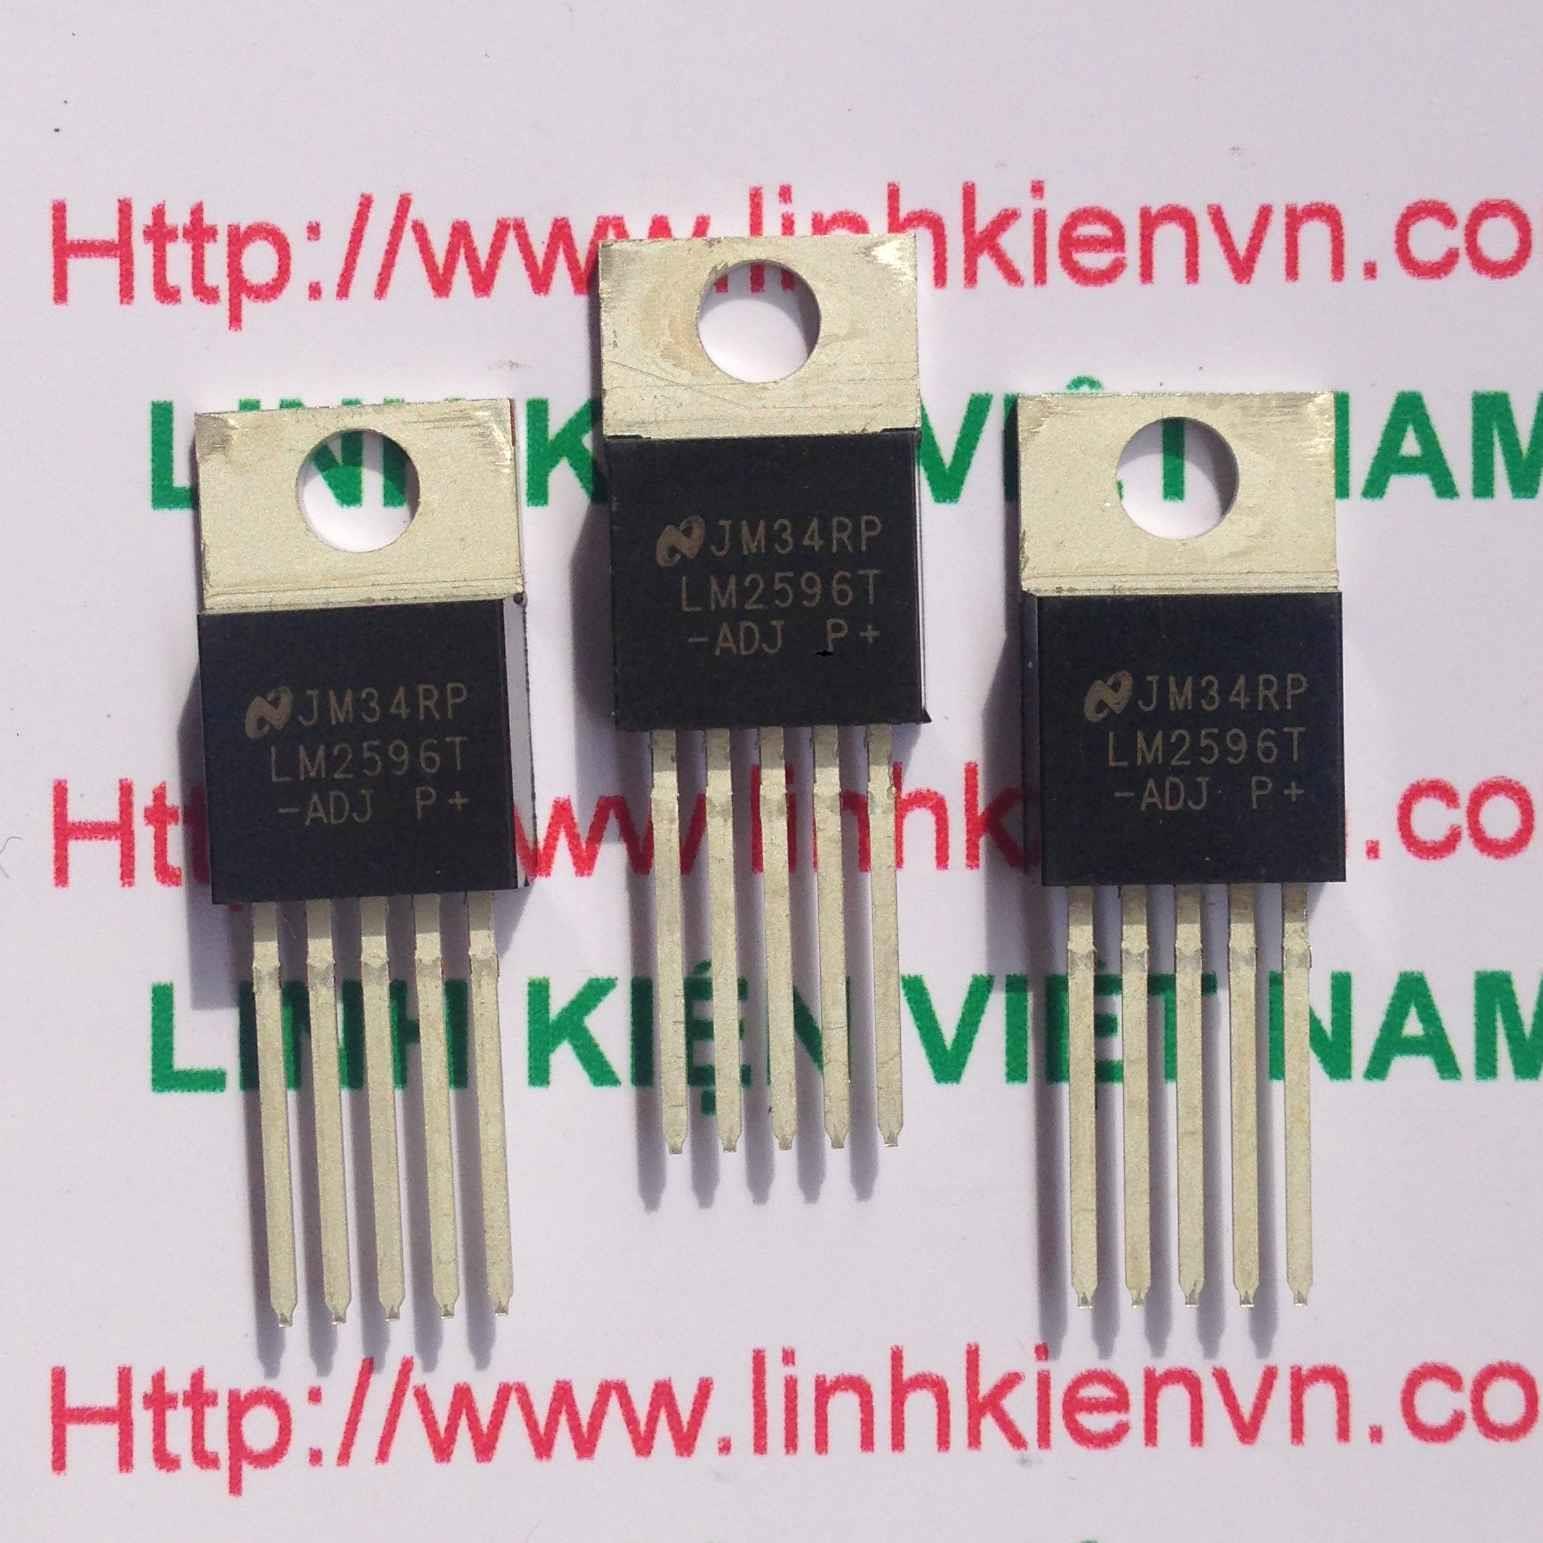 IC nguồn LM2596T - ADJ - B4H4